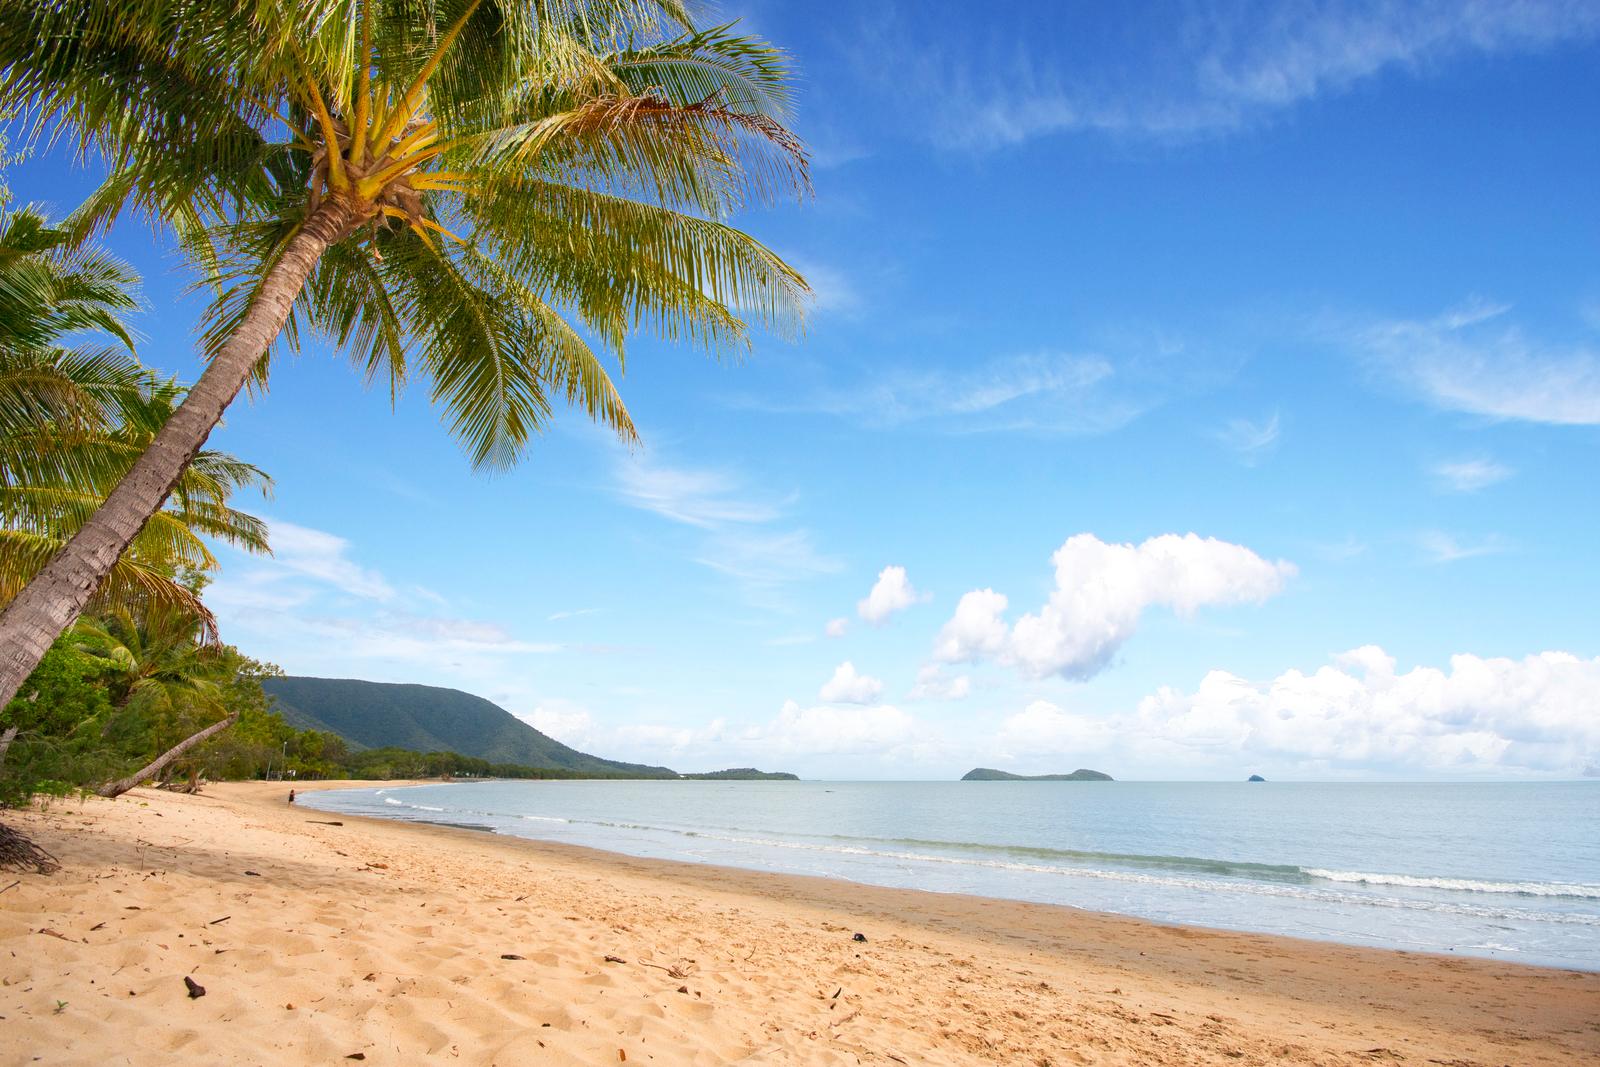 kewarra beaches in cairns